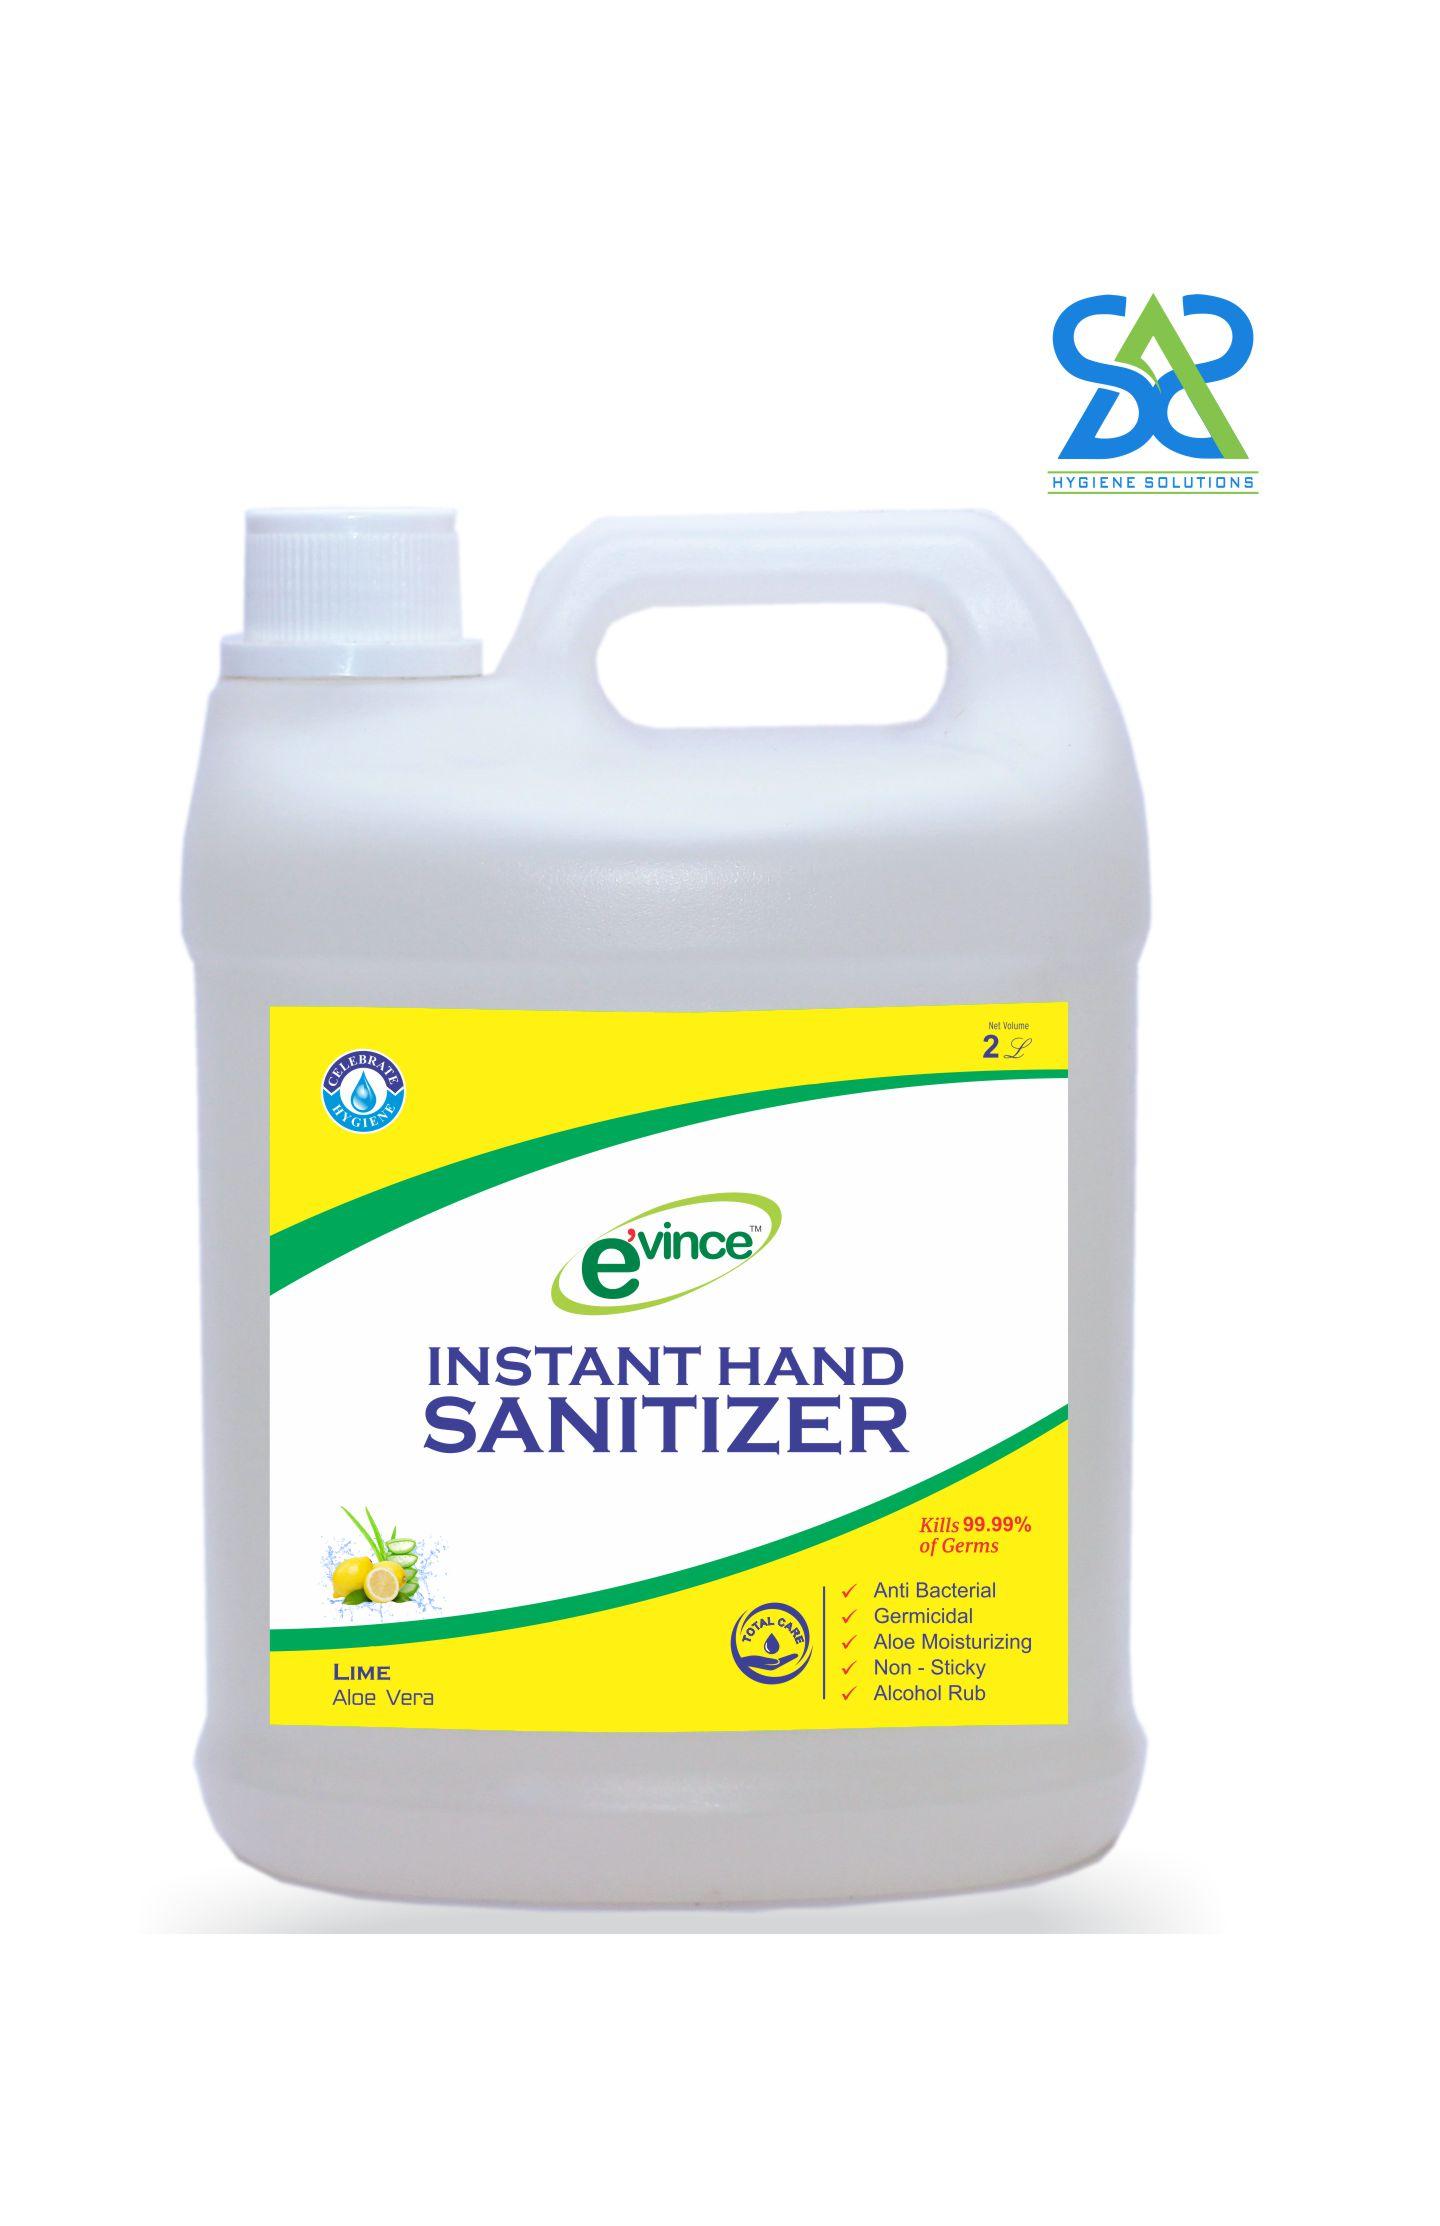 Evince Instant Hand Sanitizer Gel, 2 Litres - Lime